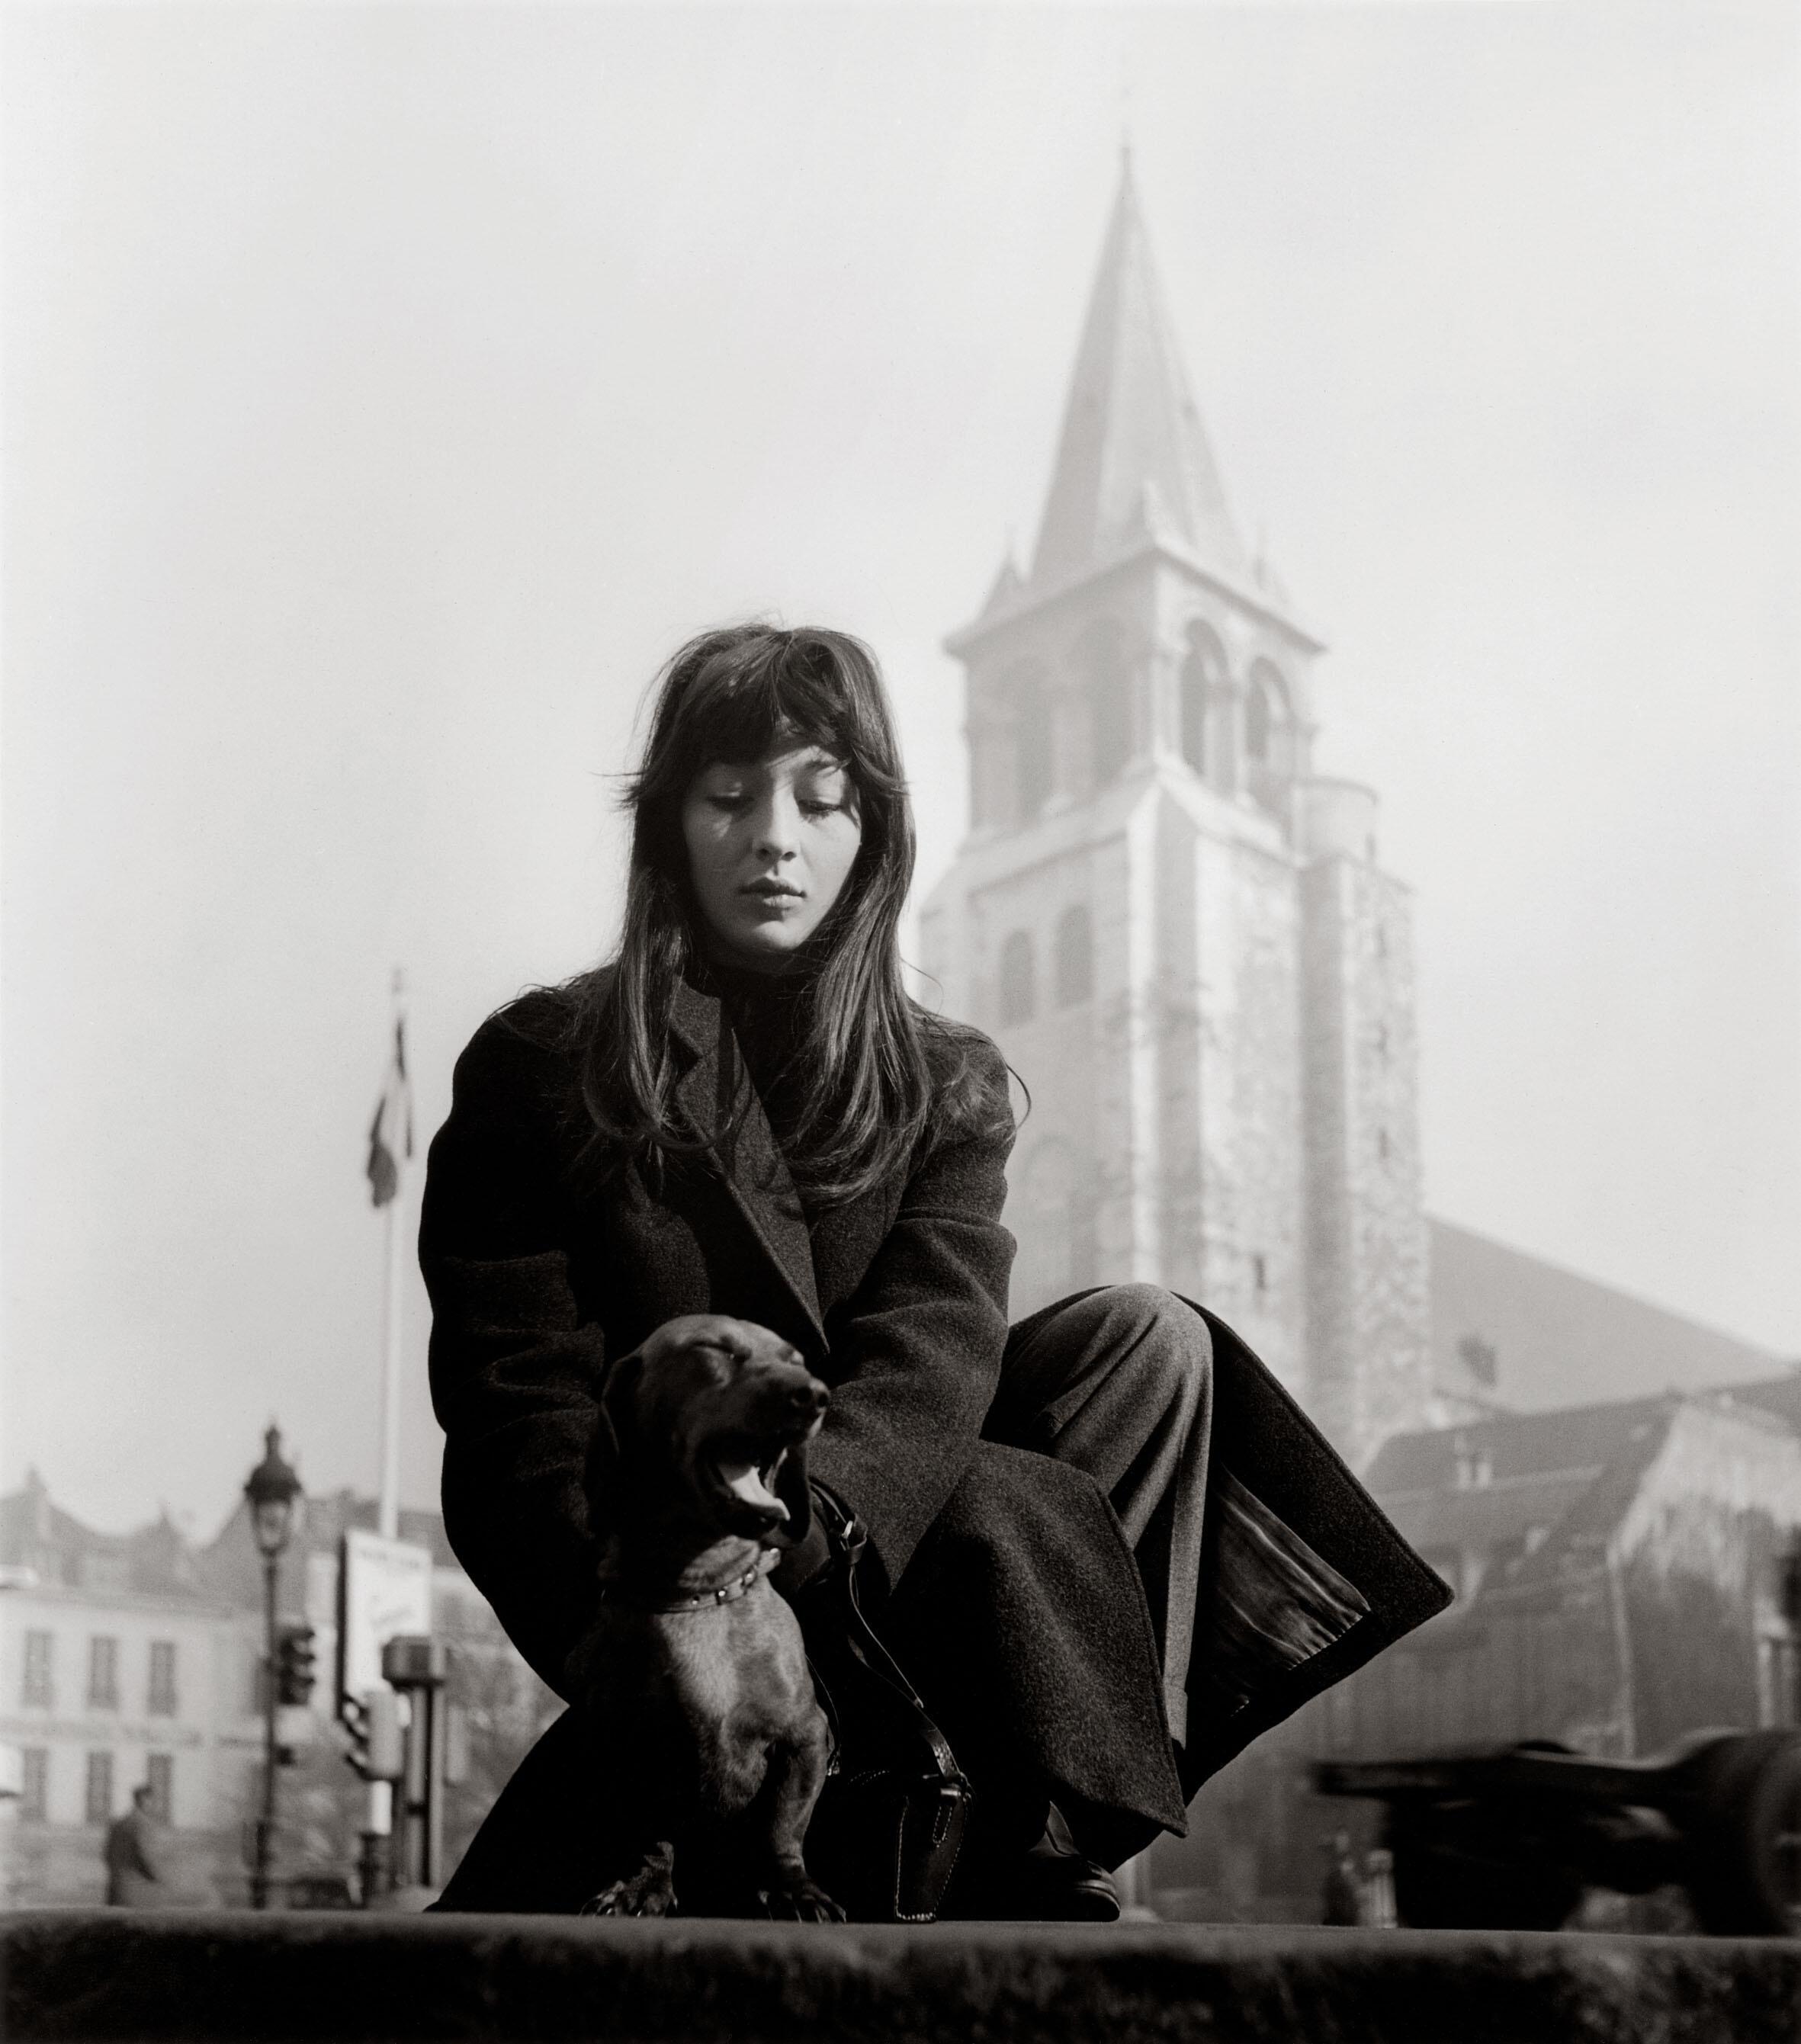 """Photographie dans l'exposition \\\""""Doisneau et la musique\\\"""" à La Villette : Juliette Gréco, Saint-Germain-des-Prés, 1947."""